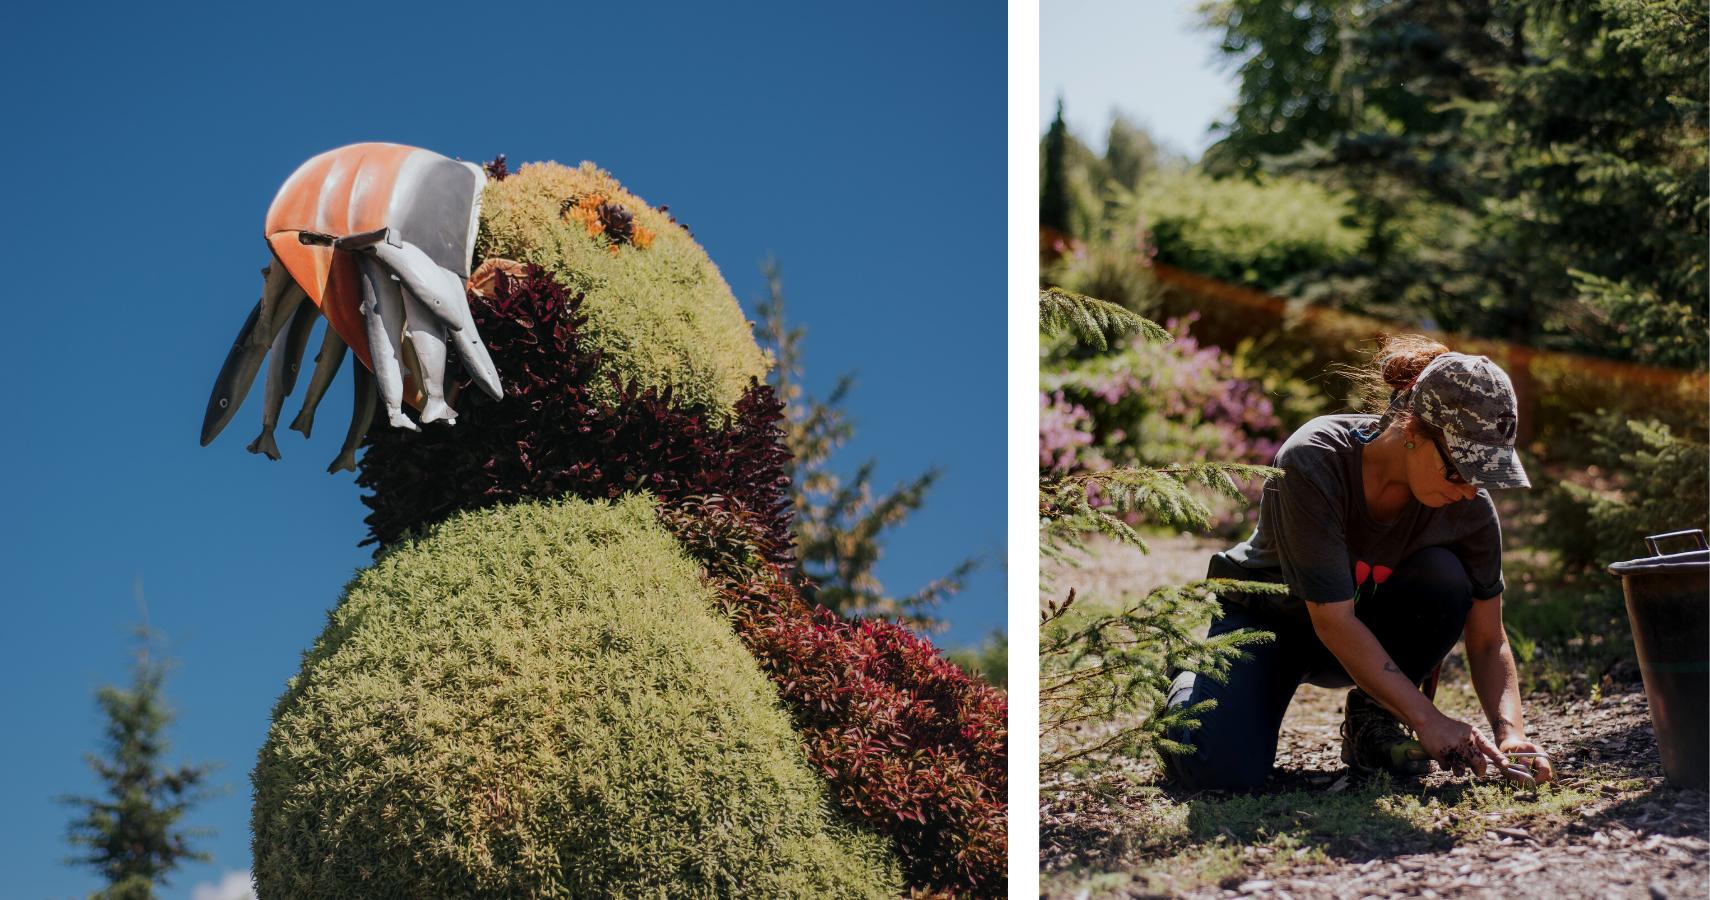 Le parc compte 12 mosaïcultures géantes et une équipe d'horticulteurs passionnés aussi impressionnante -  Crédits photos: Les Maximes